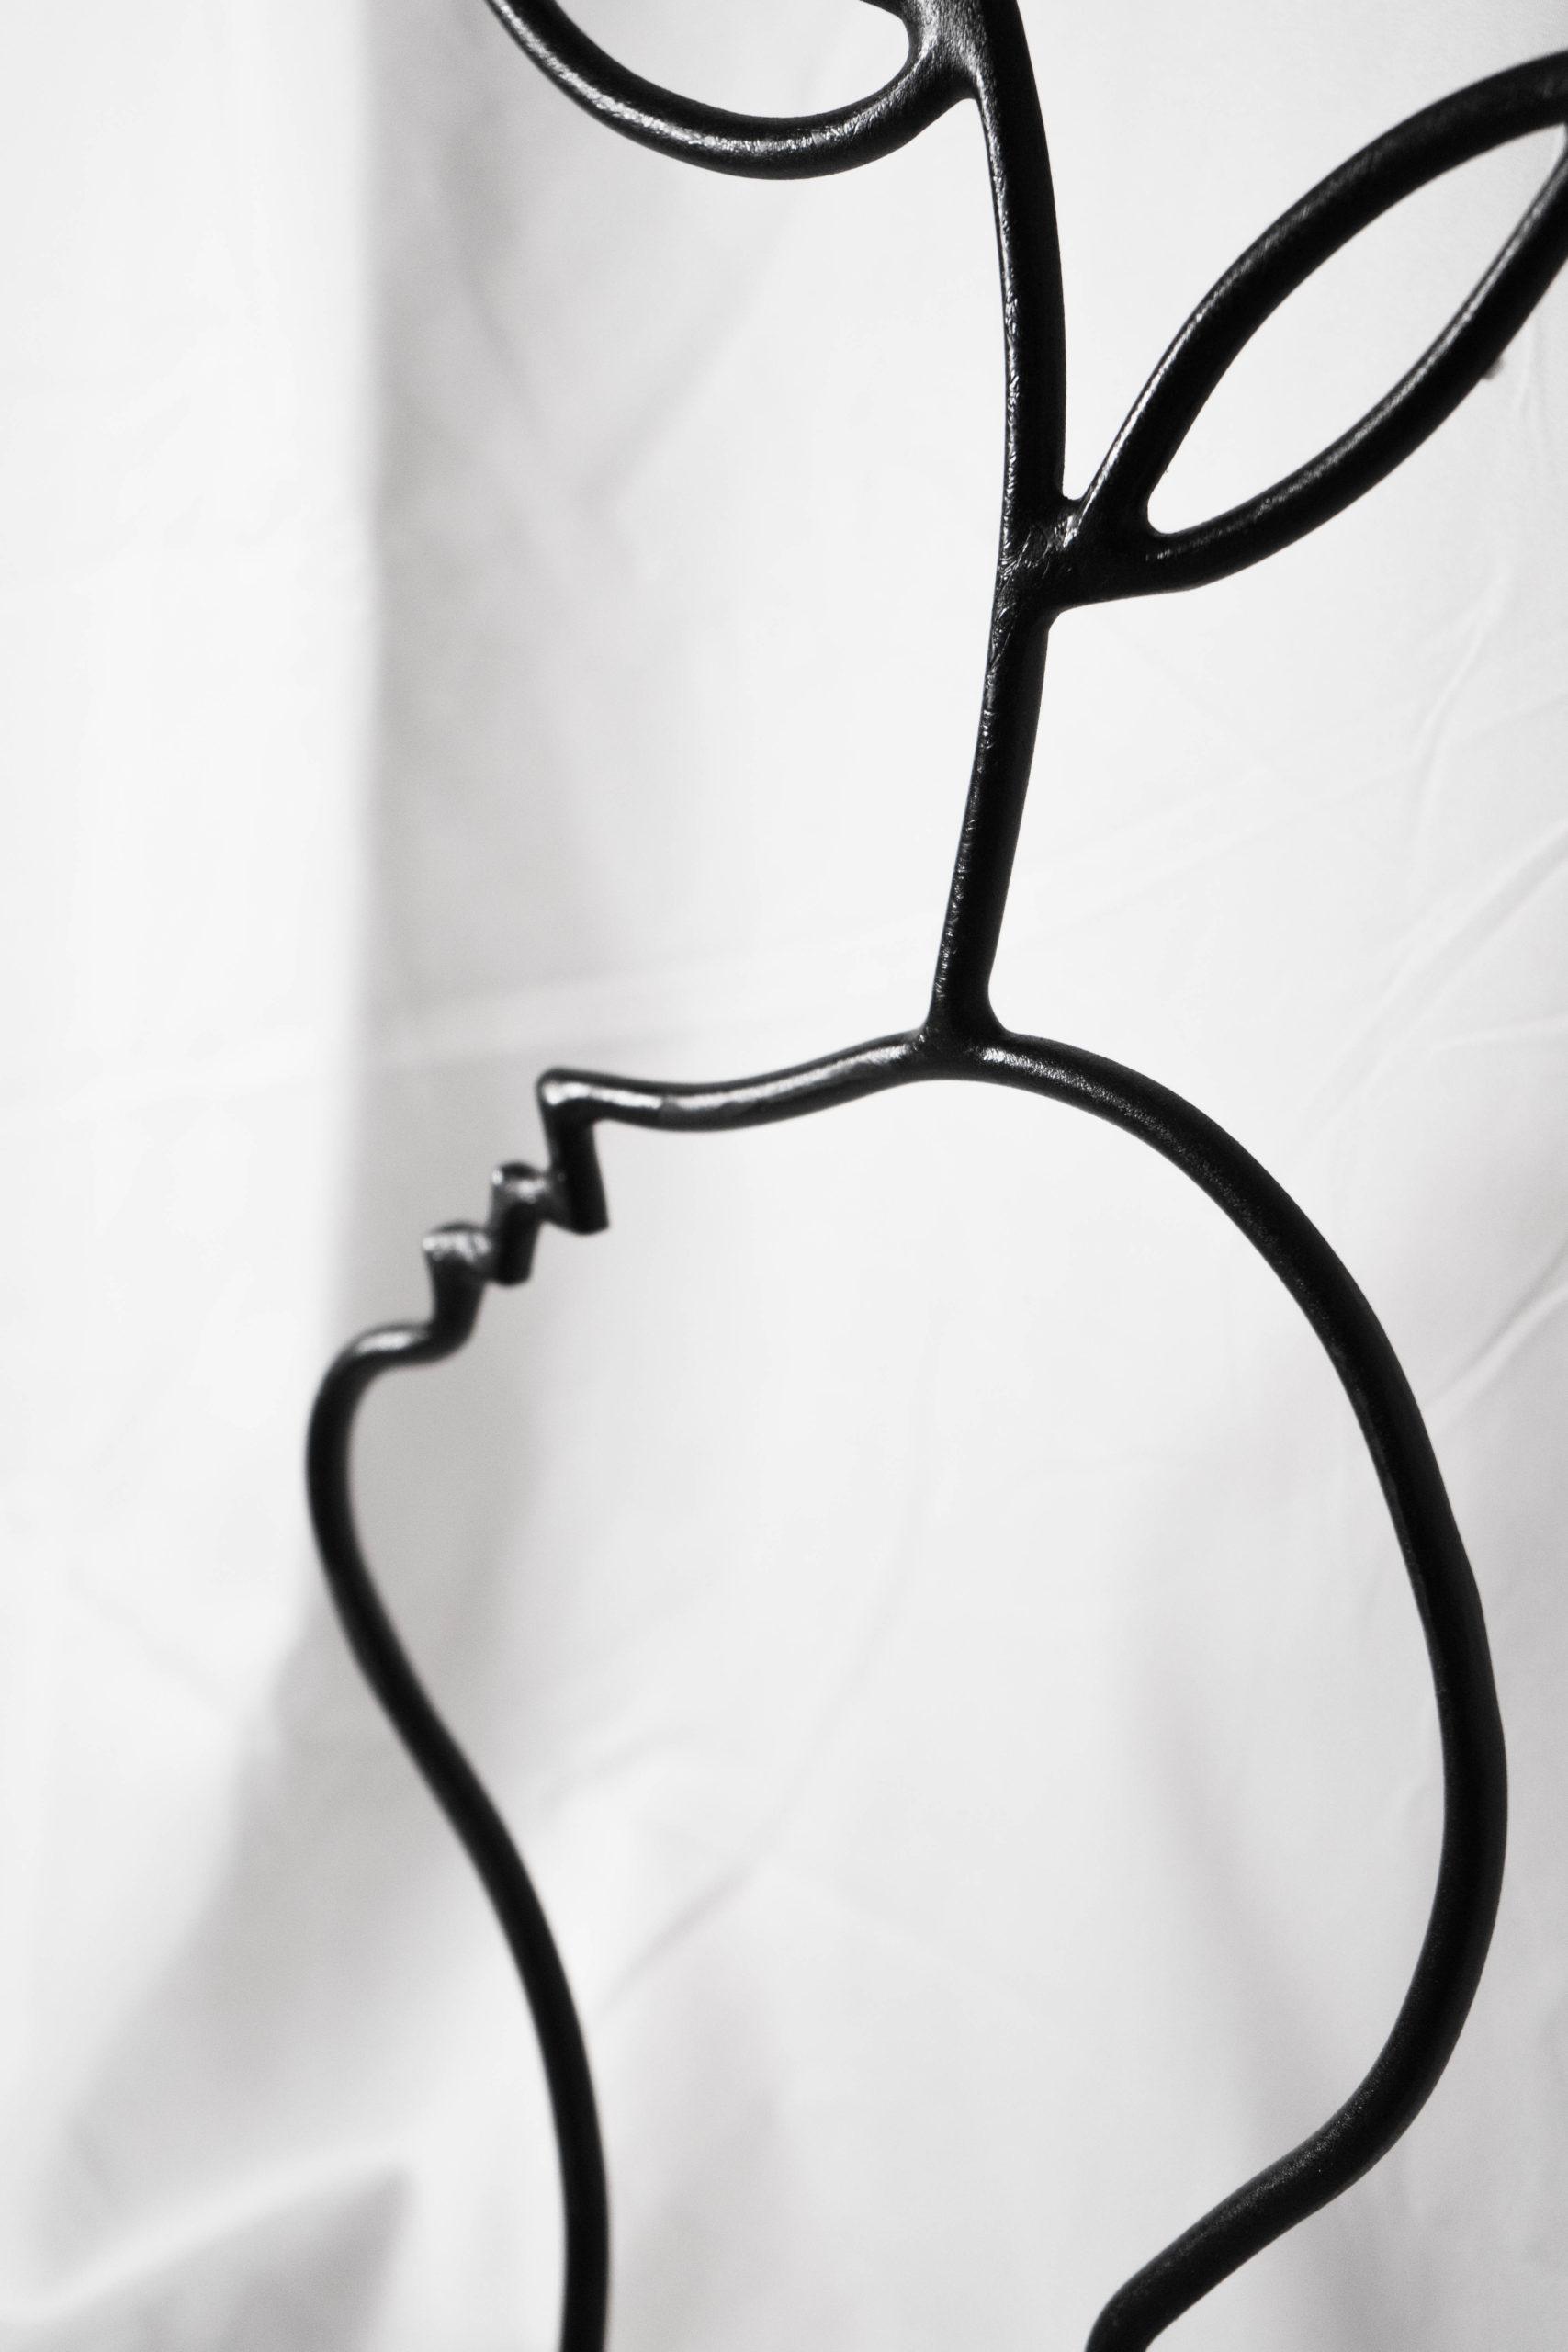 obra de metal curvada flor cabeza